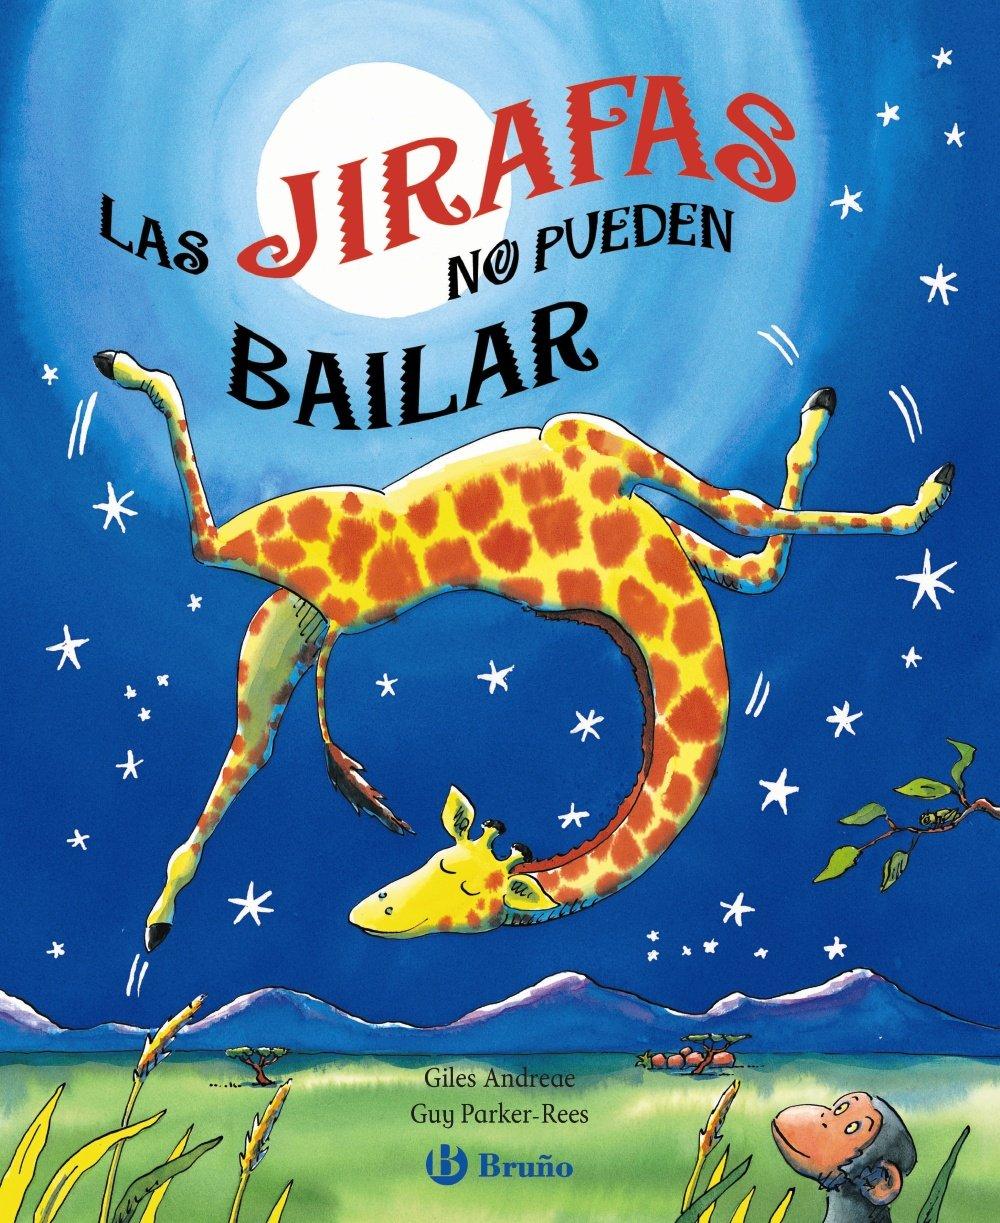 Libros infantiles didácticos para niños